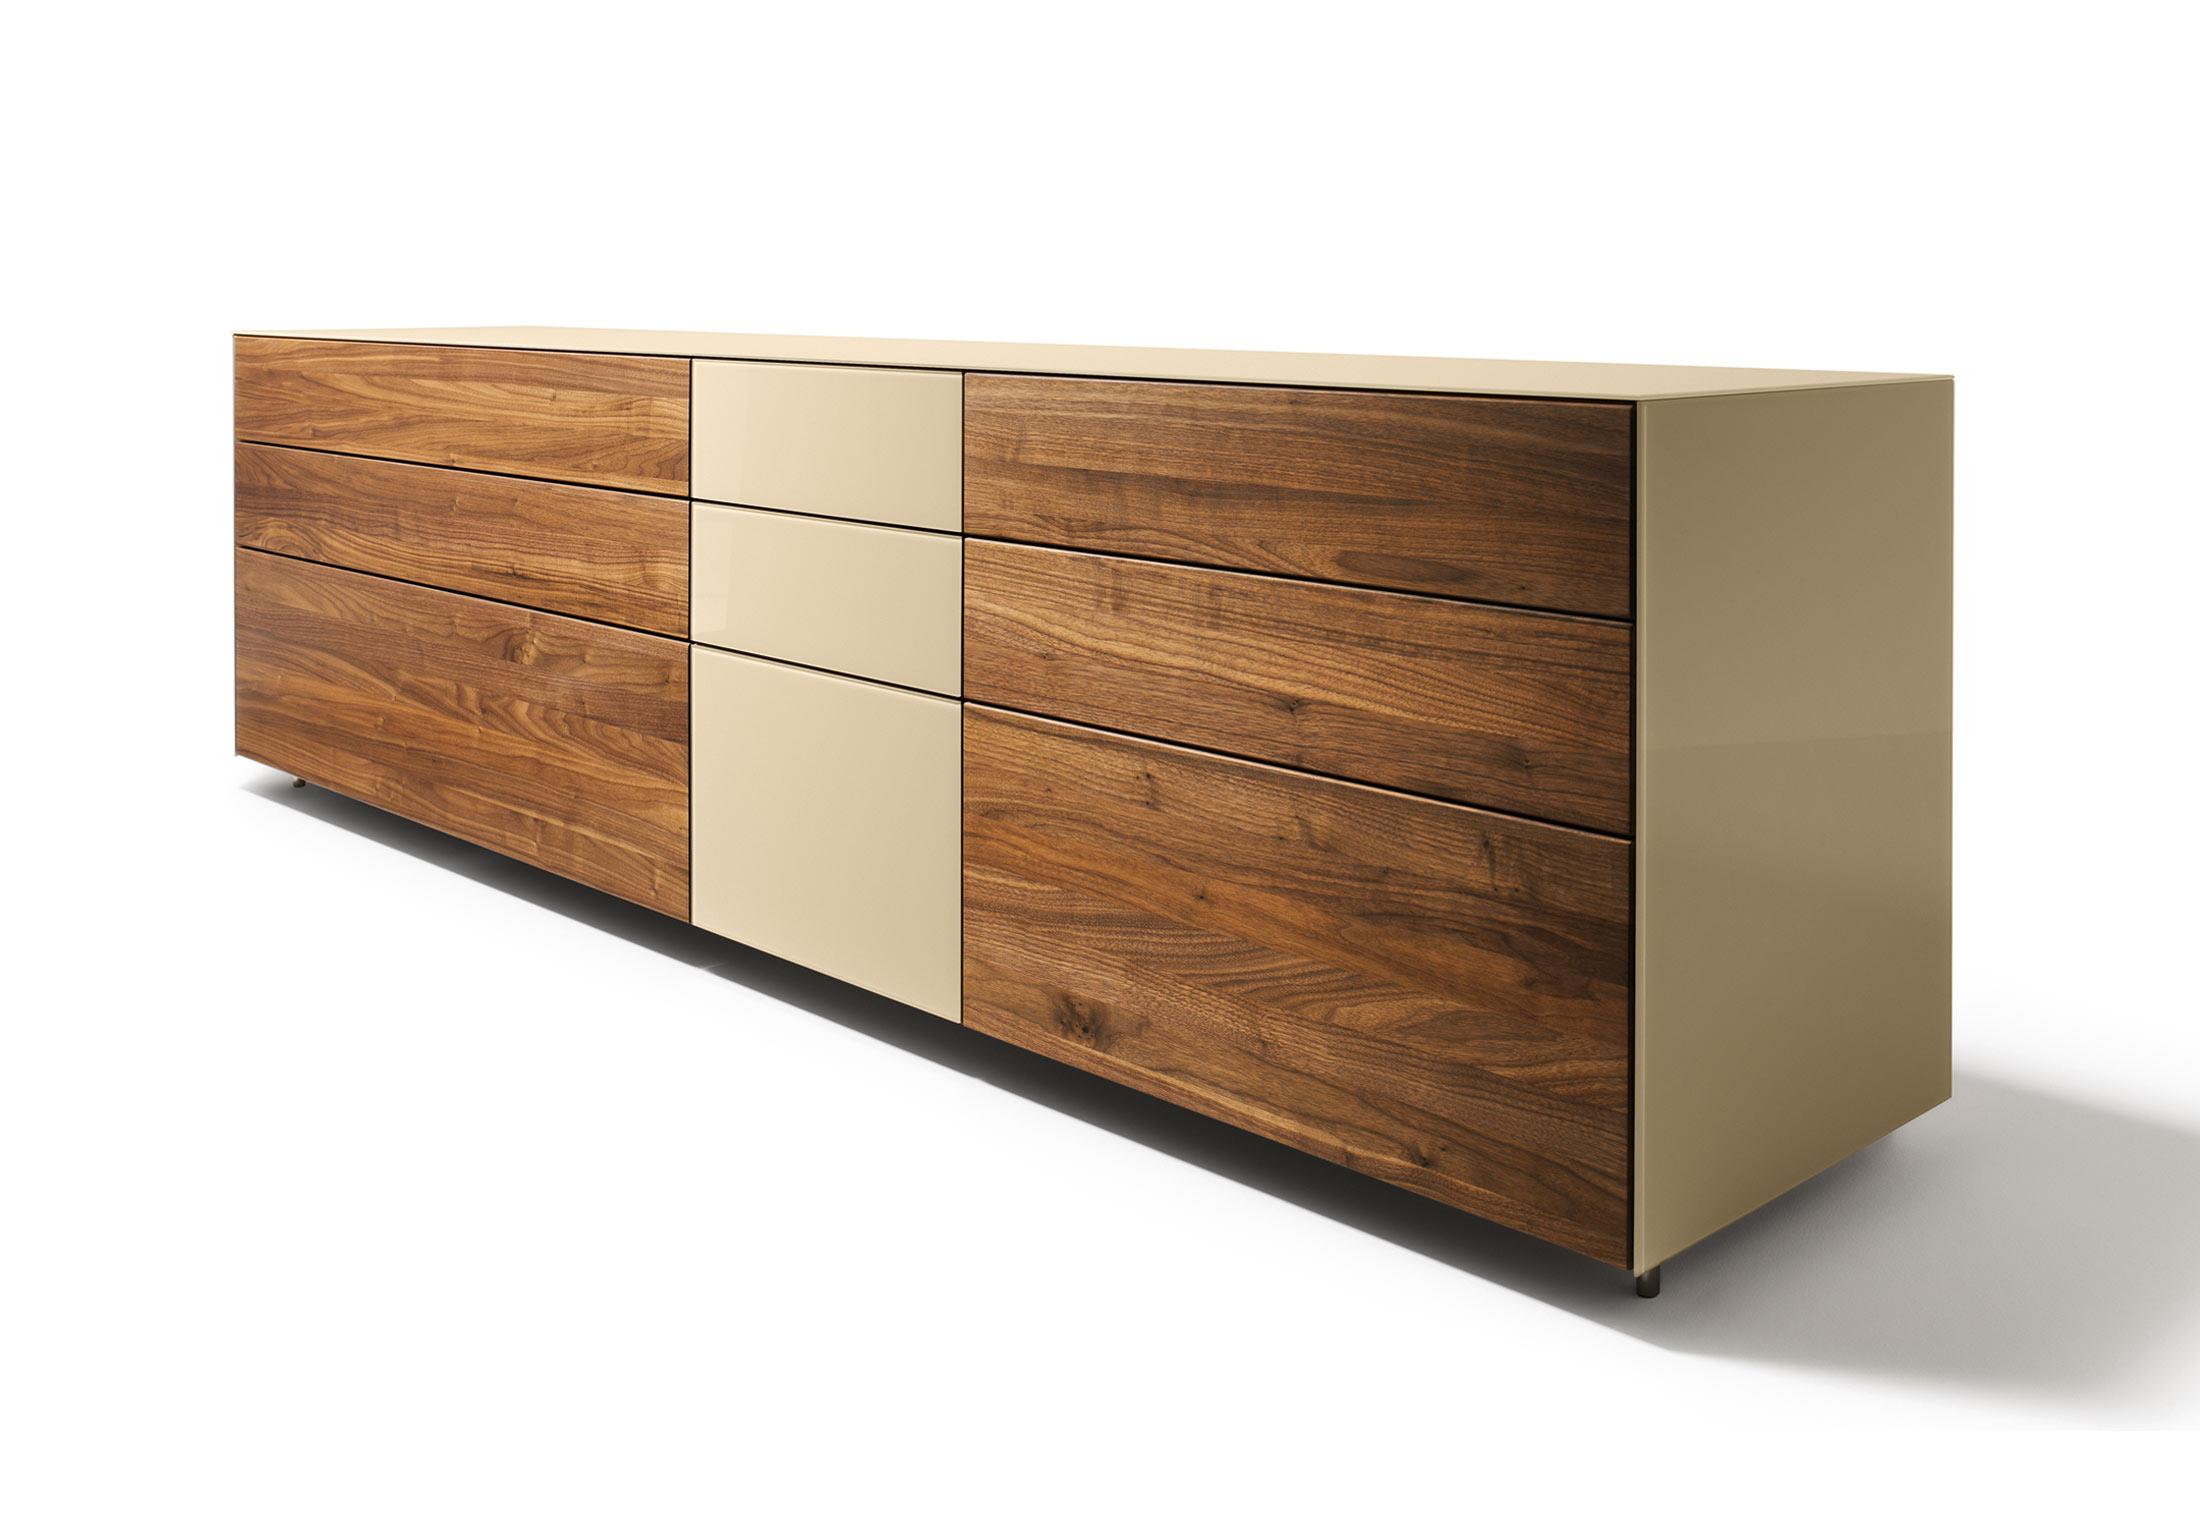 cubus pure anrichte 3 elemente von team 7 stylepark. Black Bedroom Furniture Sets. Home Design Ideas